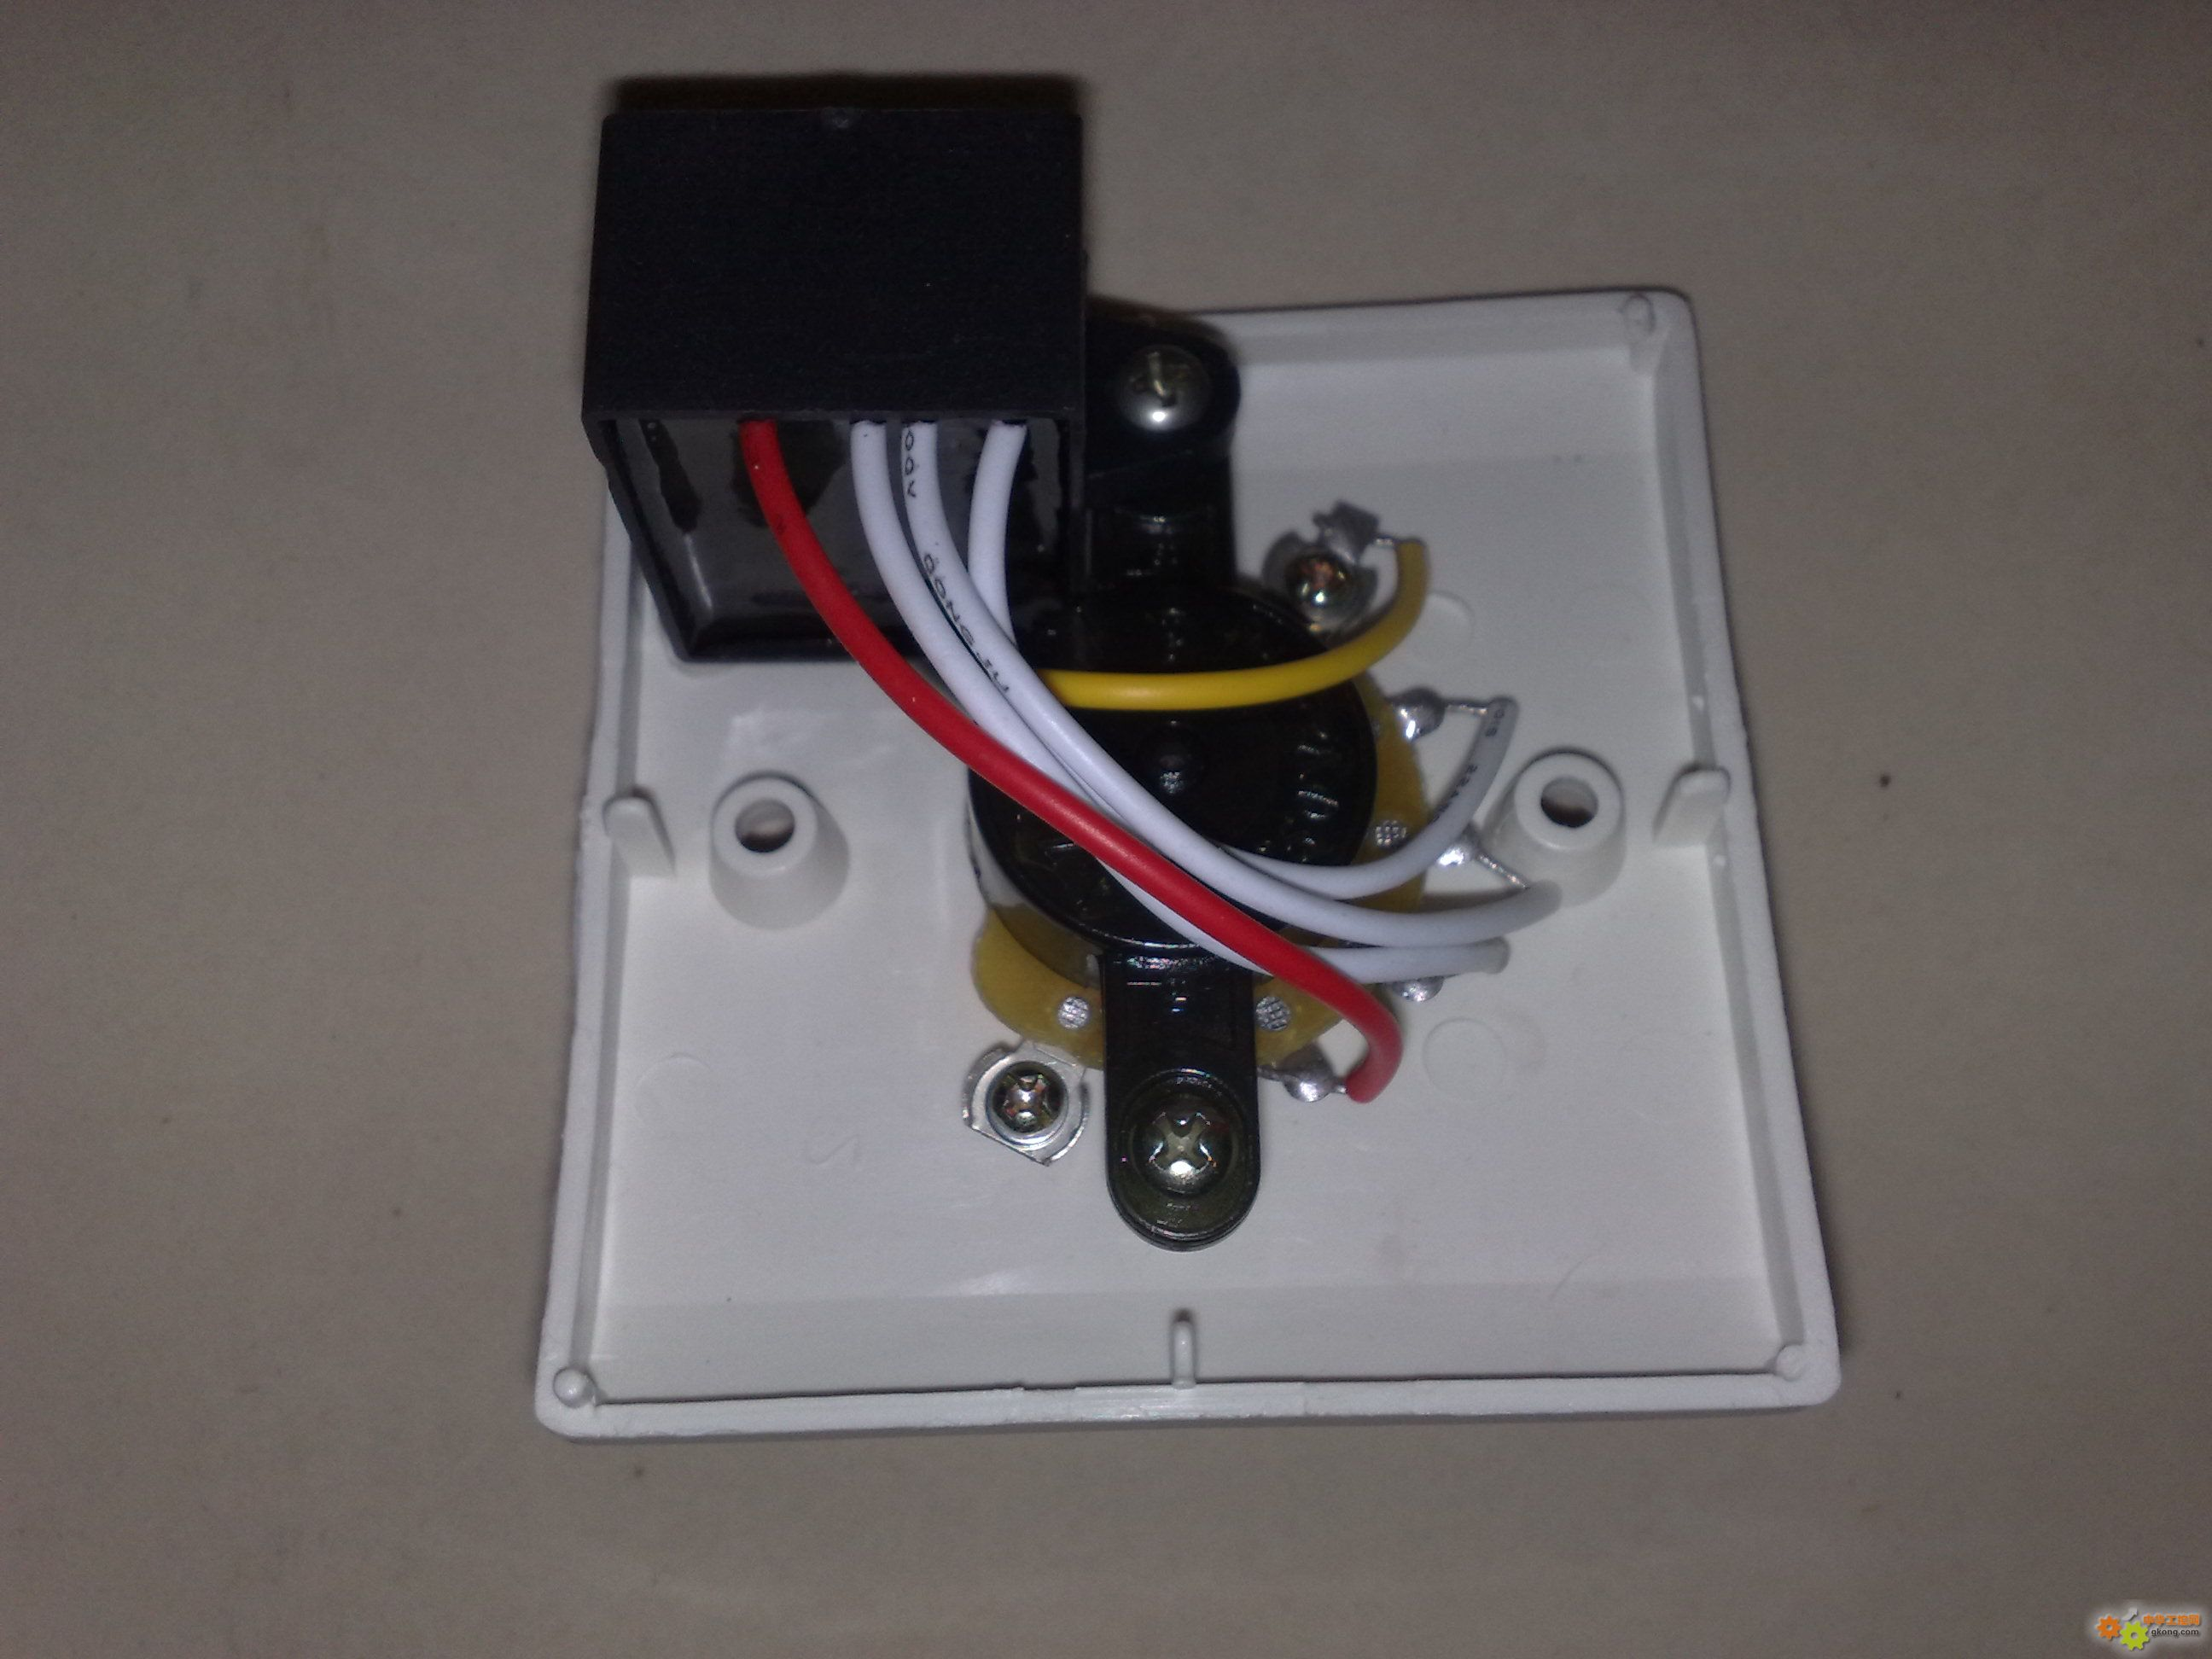 我只知道吊扇可以用串电感、串电容、用双向可控硅等办法调压调节风扇的转速 用双向可控硅可以调节烤火炉的发热功率,但是不知道串电容会如何? 串电容调节风扇和调节烤火炉的区别就是前者是感性负载,而且功率比较小,后者功率比较大。 我不敢试,怕电容炸了,问题是电容的参数只有耐压和容量,理论上是不消耗电能的,是不是只要耐压够了就不会炸?大电流充放电也没关系?